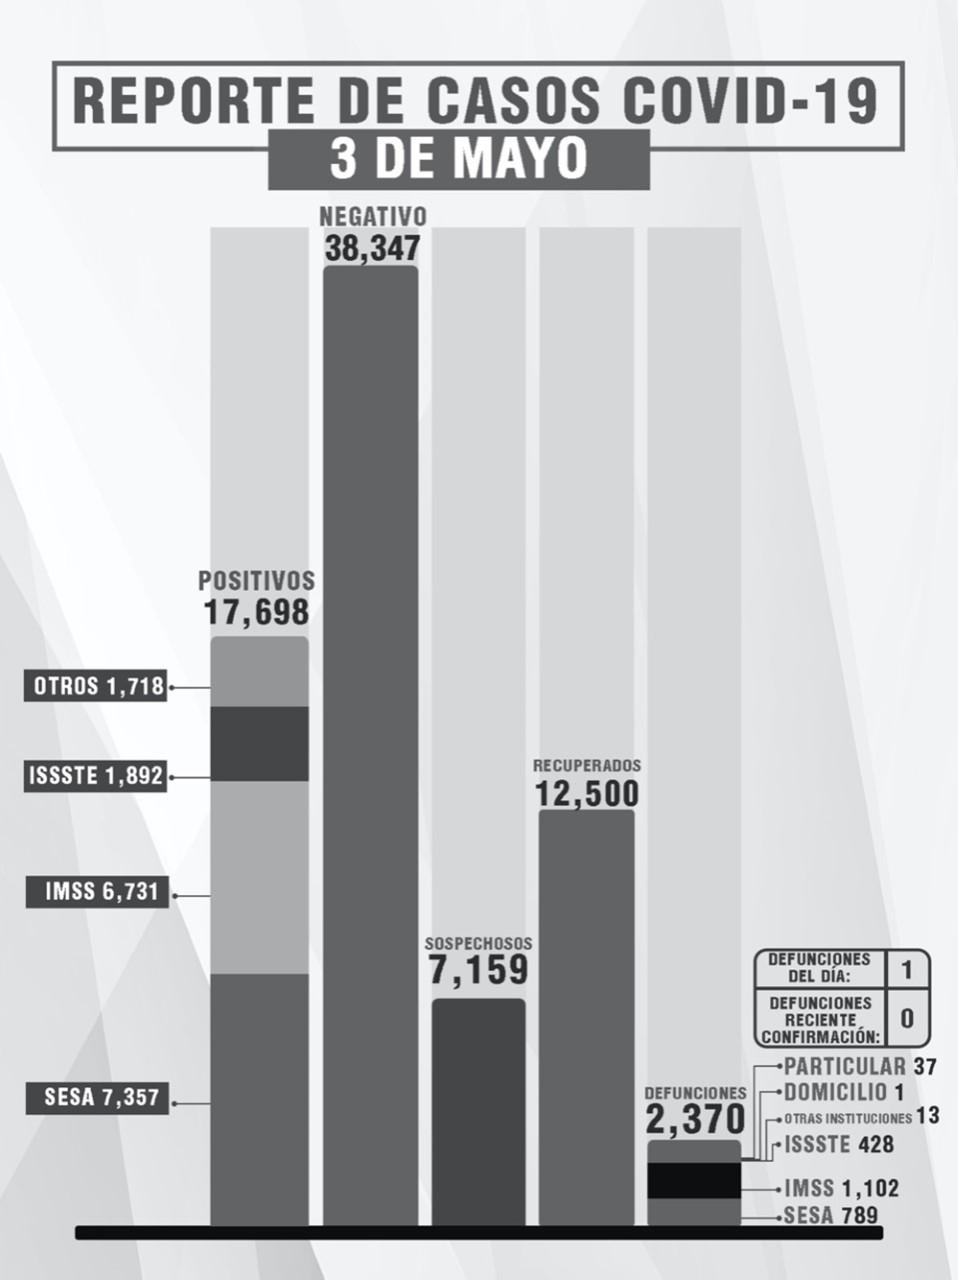 Parte de Guerra Tlaxcala martes 4 de mayo: La entidad lleva 2 mil 370 fallecidos, 17 mil 698 enfermos y 12 mil 500 recuperados de Covid19